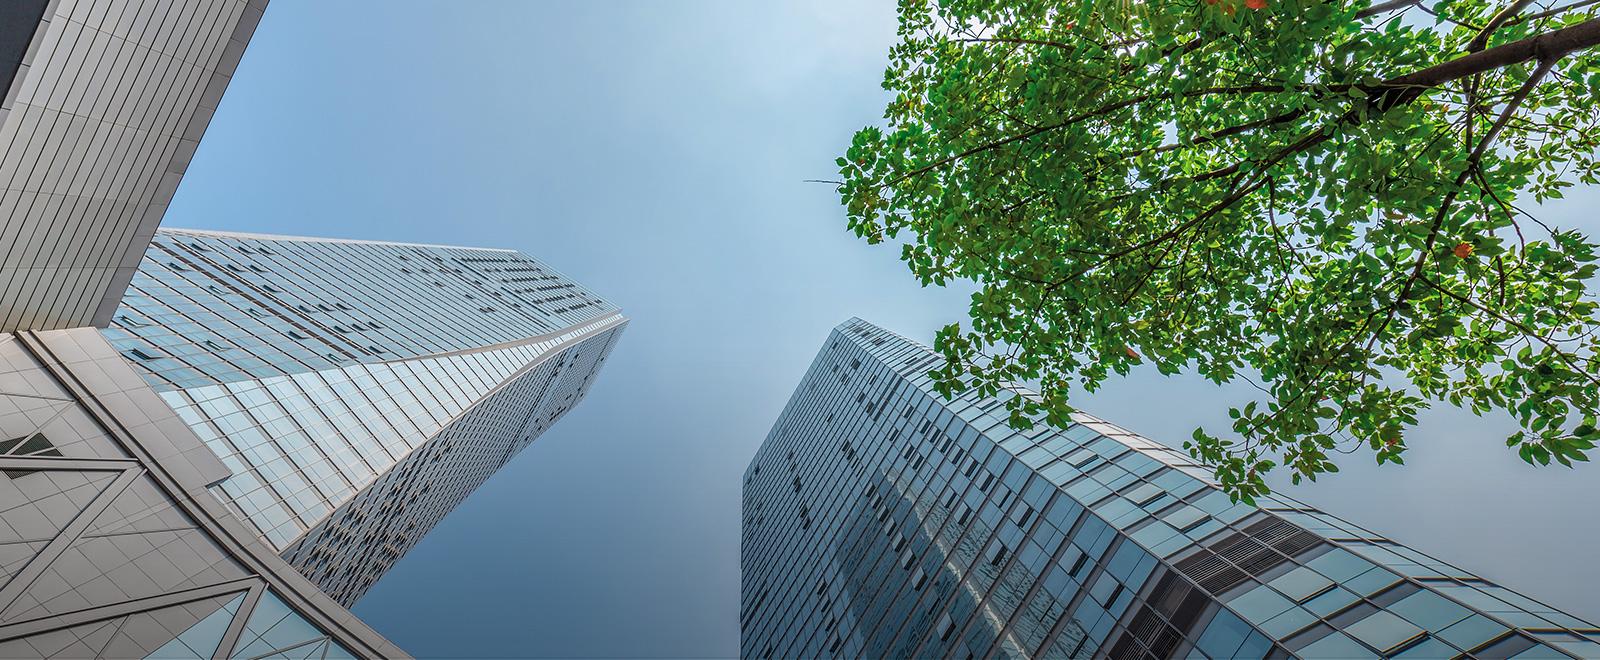 È online la nuova sezione dedicata alla sostenibilità di A2A